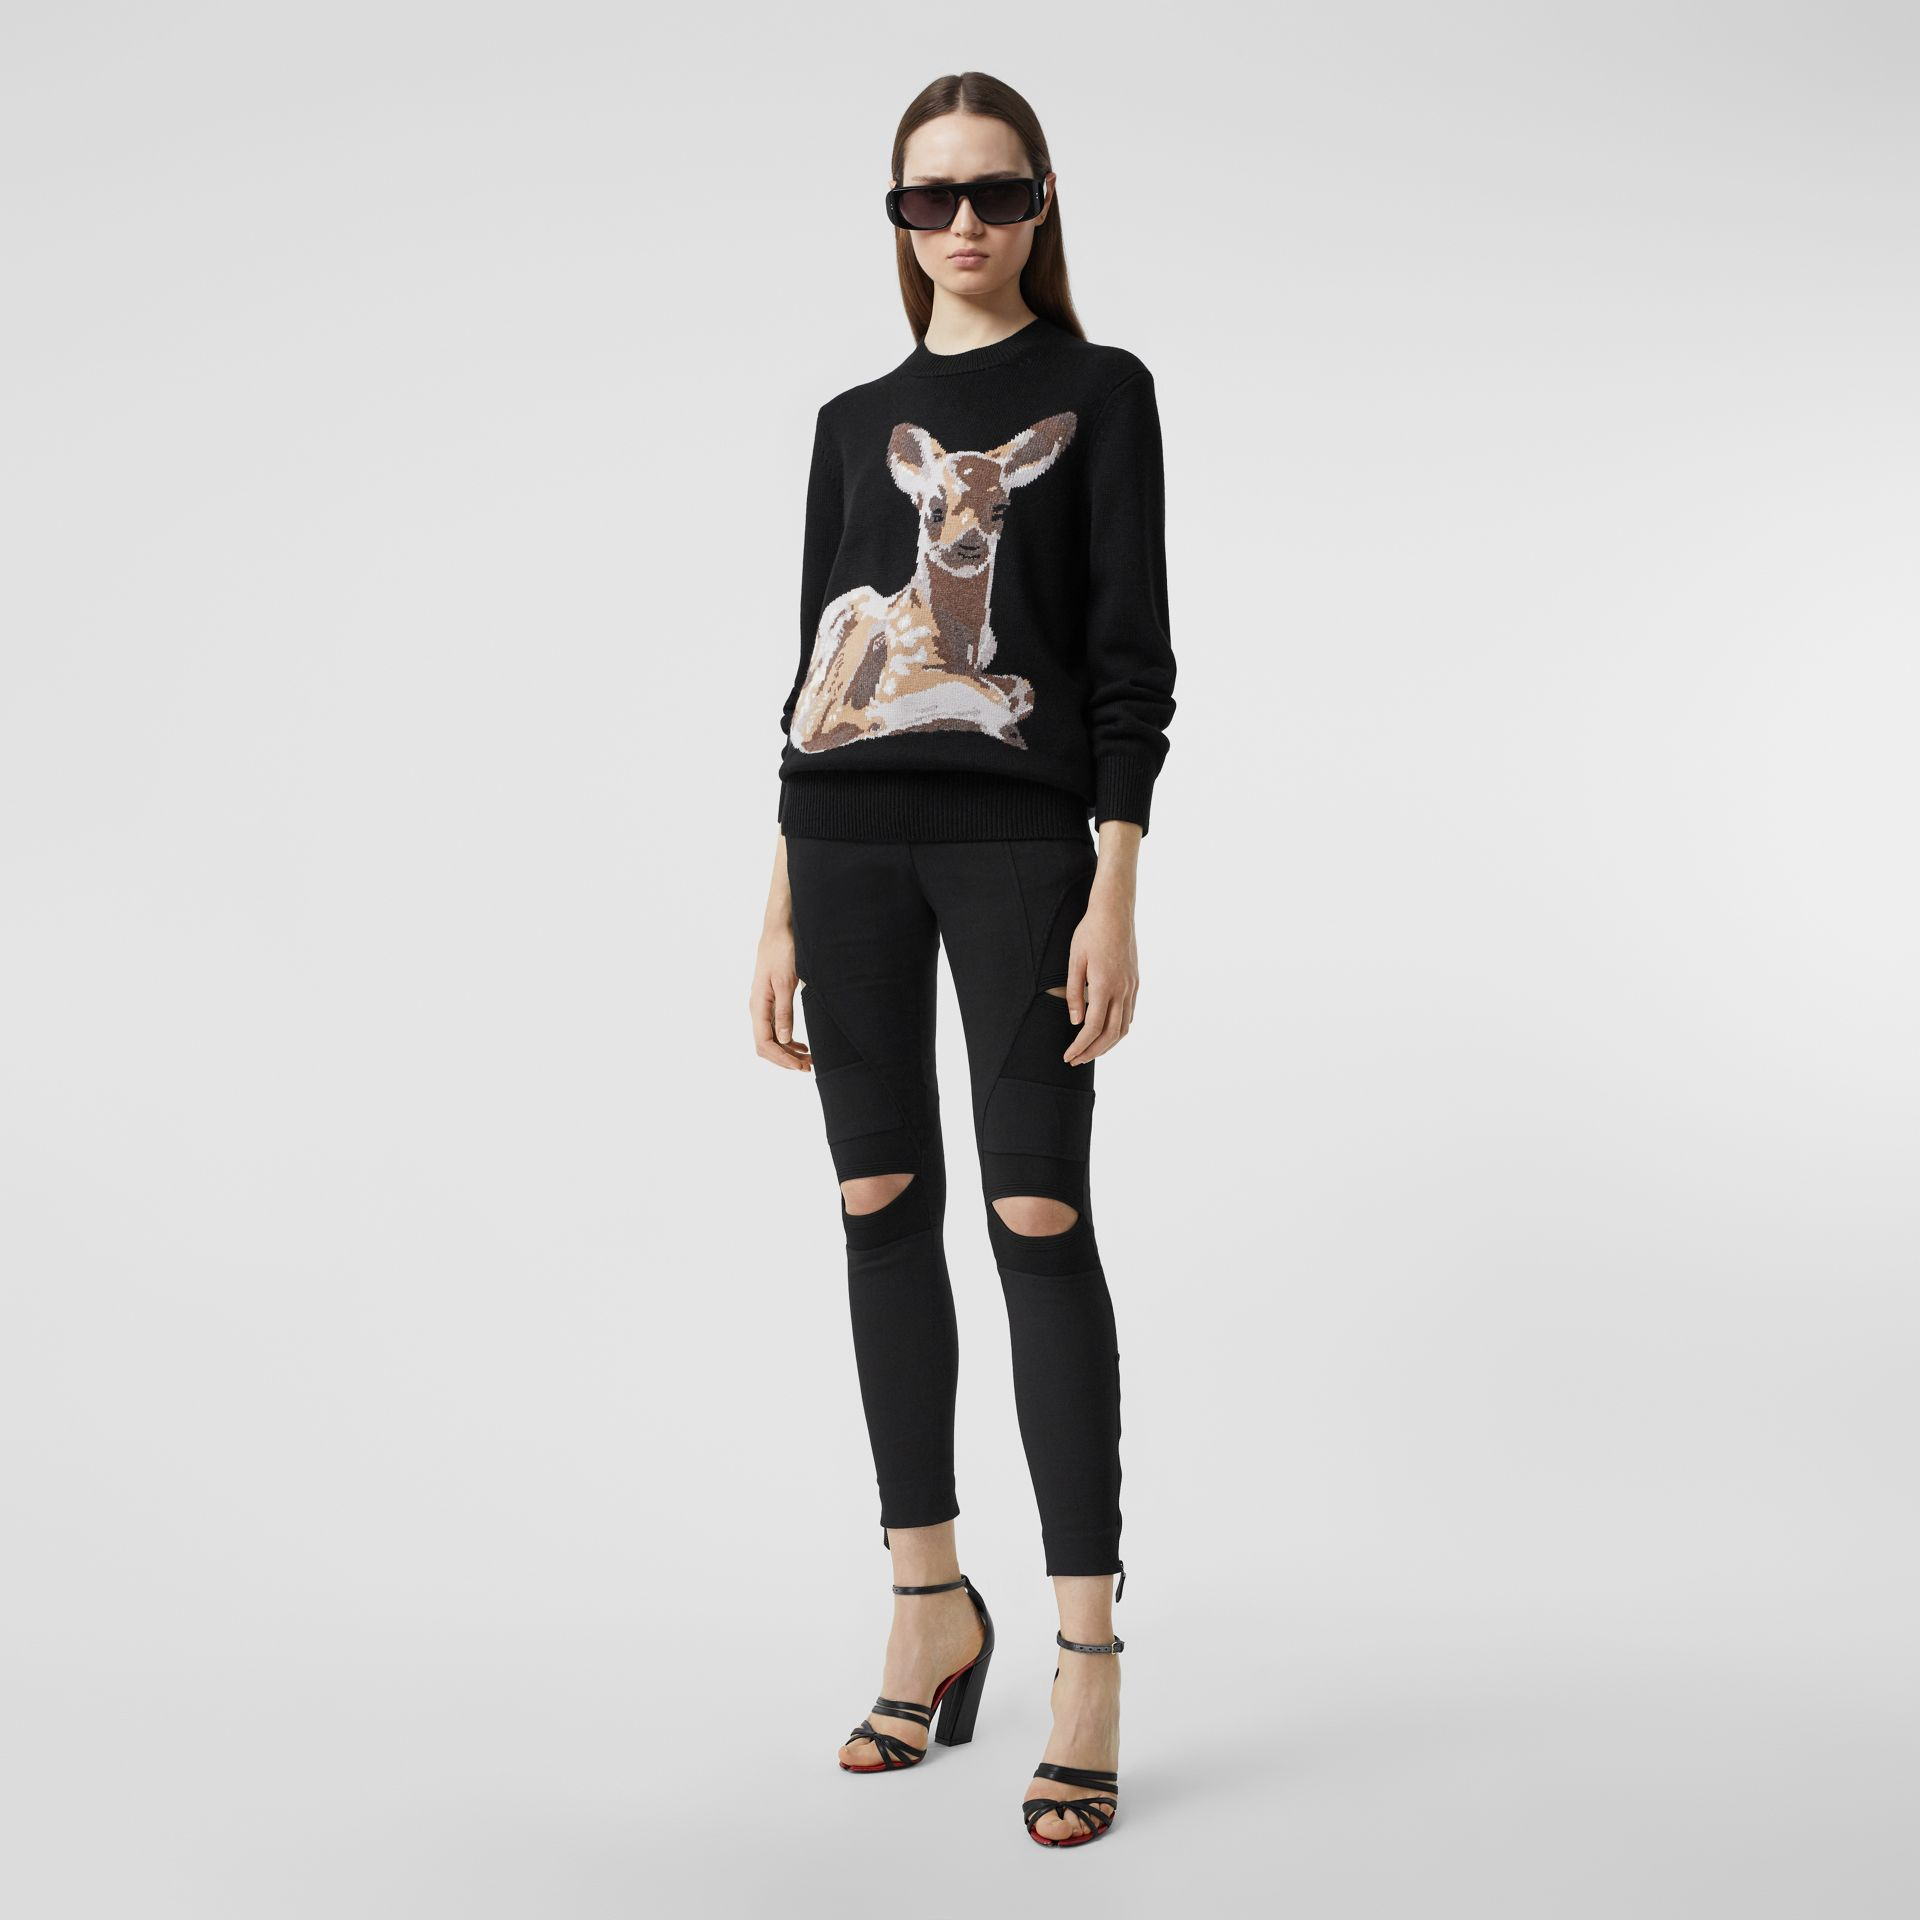 Deer Intarsia Wool Sweater in Black | Burberry - gallery image 4